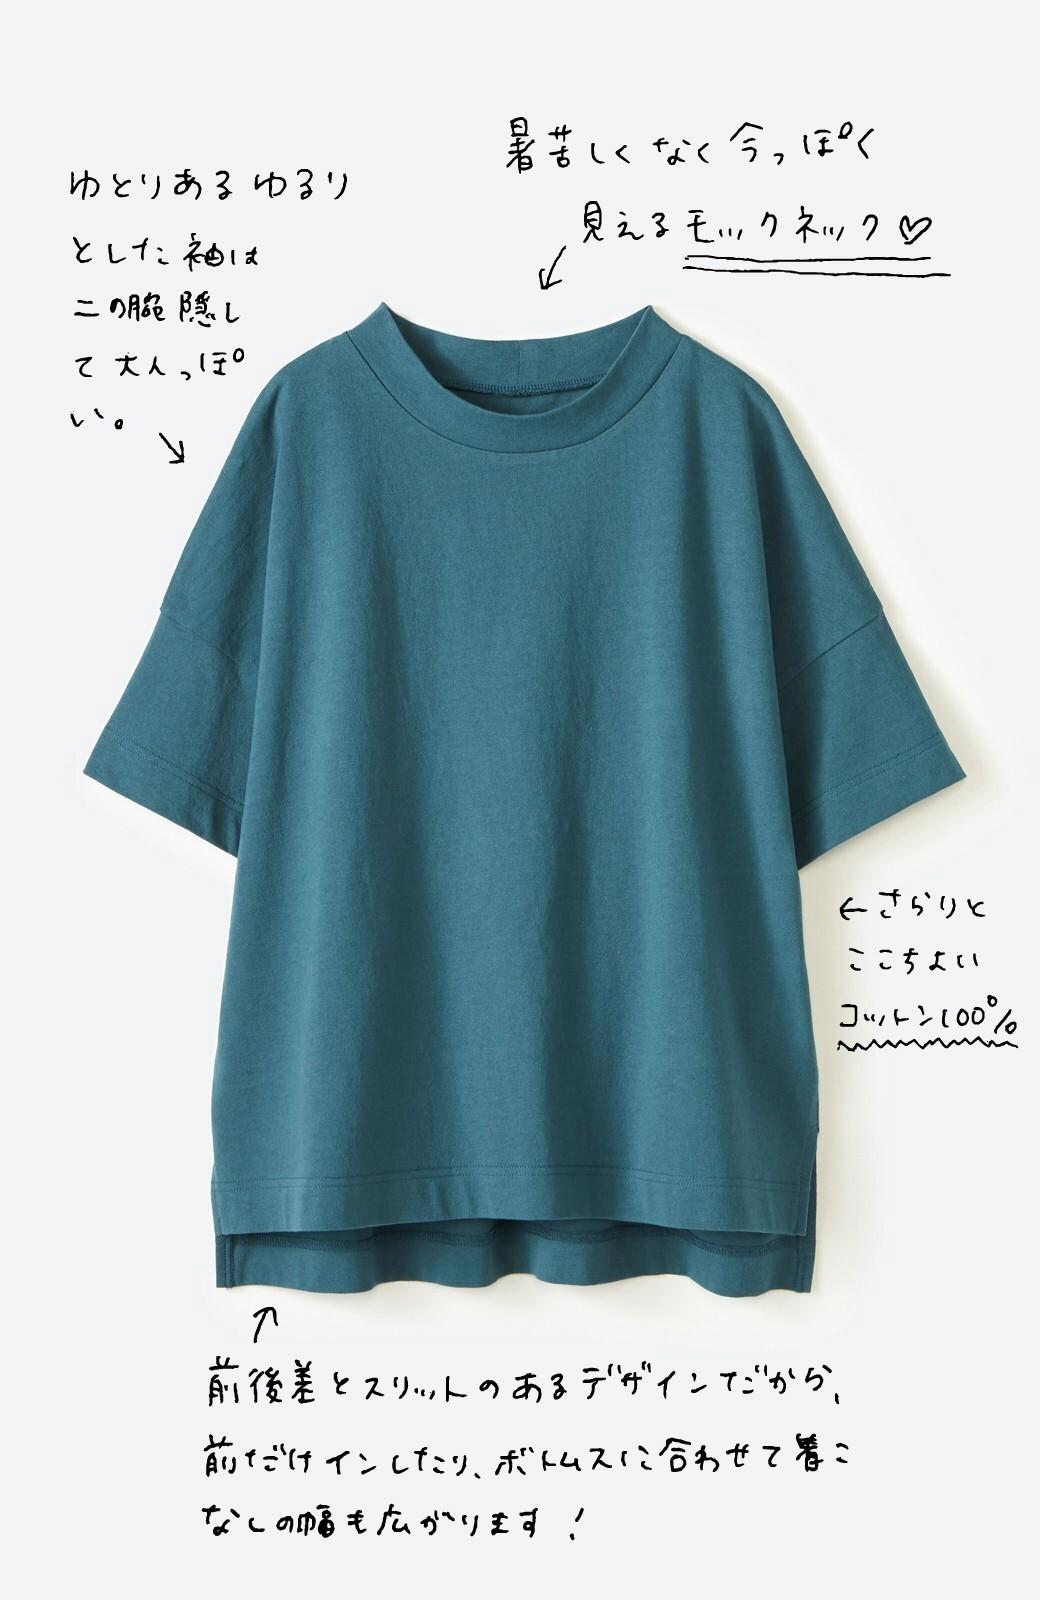 haco! じゃぶじゃぶ洗えて毎日づかいに便利!コーデに迷わず便利なモックネックTシャツ <ブルー>の商品写真2